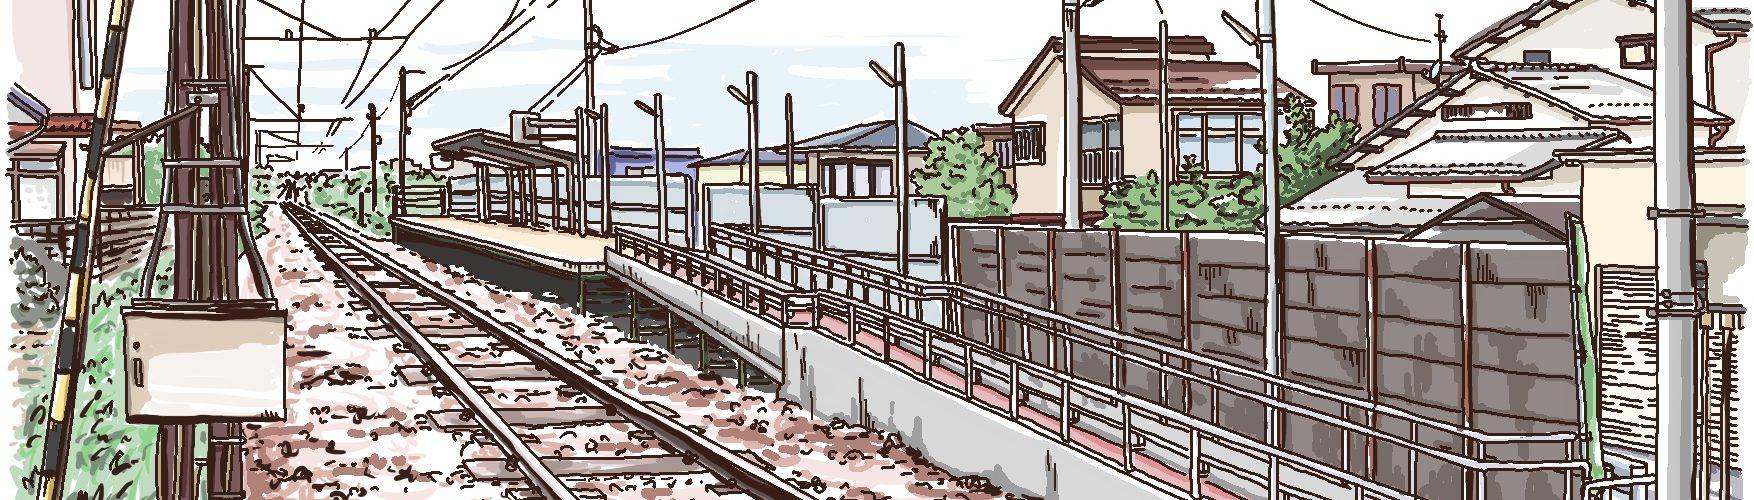 新庄田中駅 風景画 ipadPro